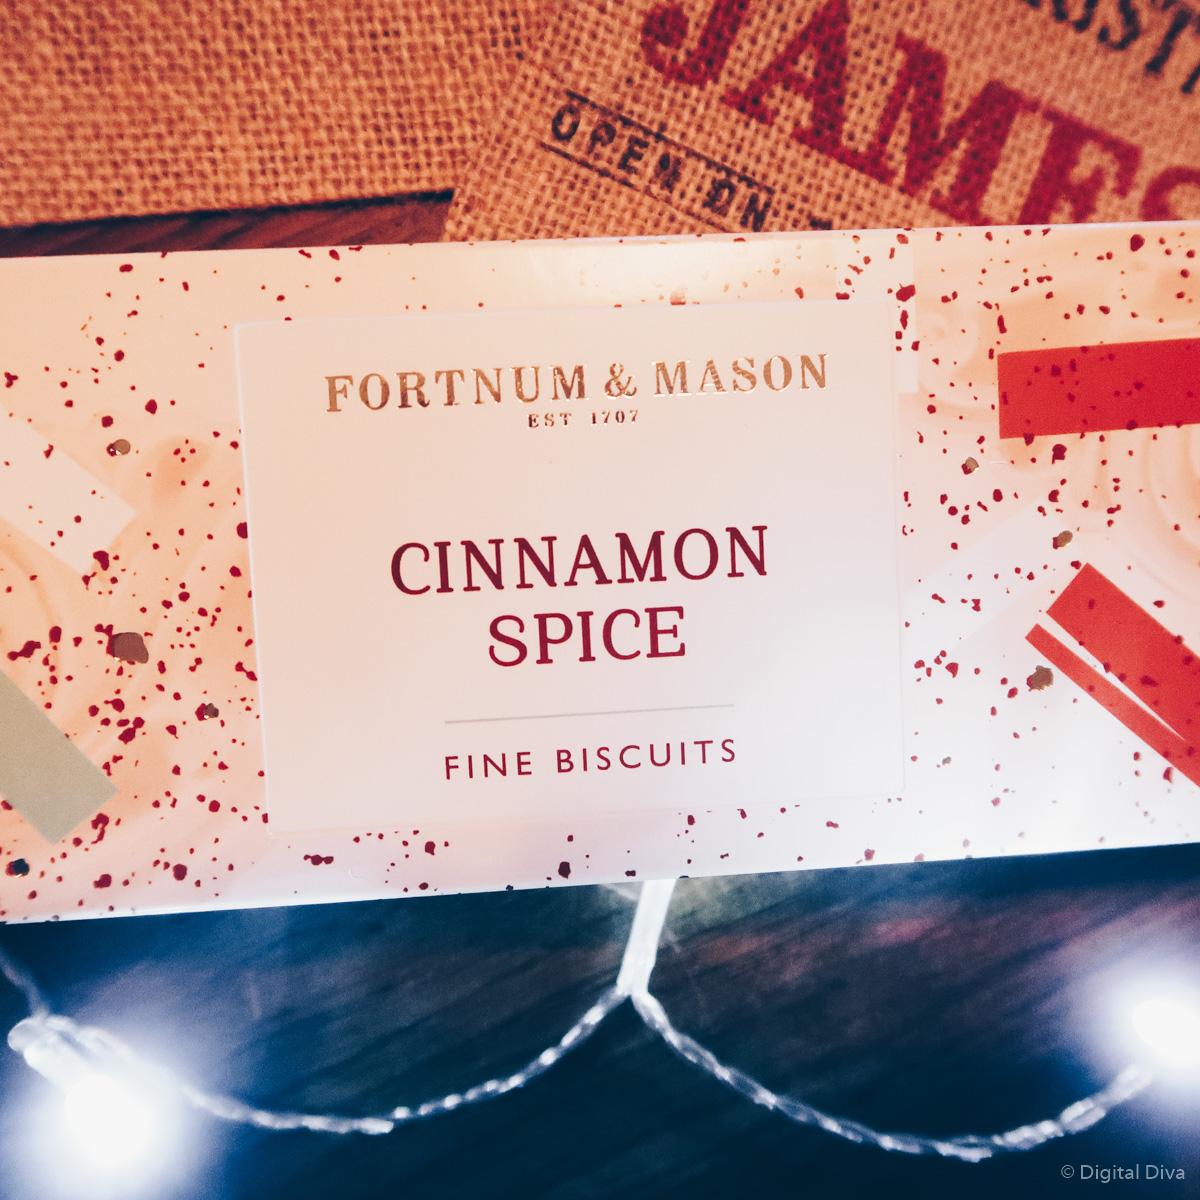 Fortnum & Mason Cinnamon Spice Biscuits